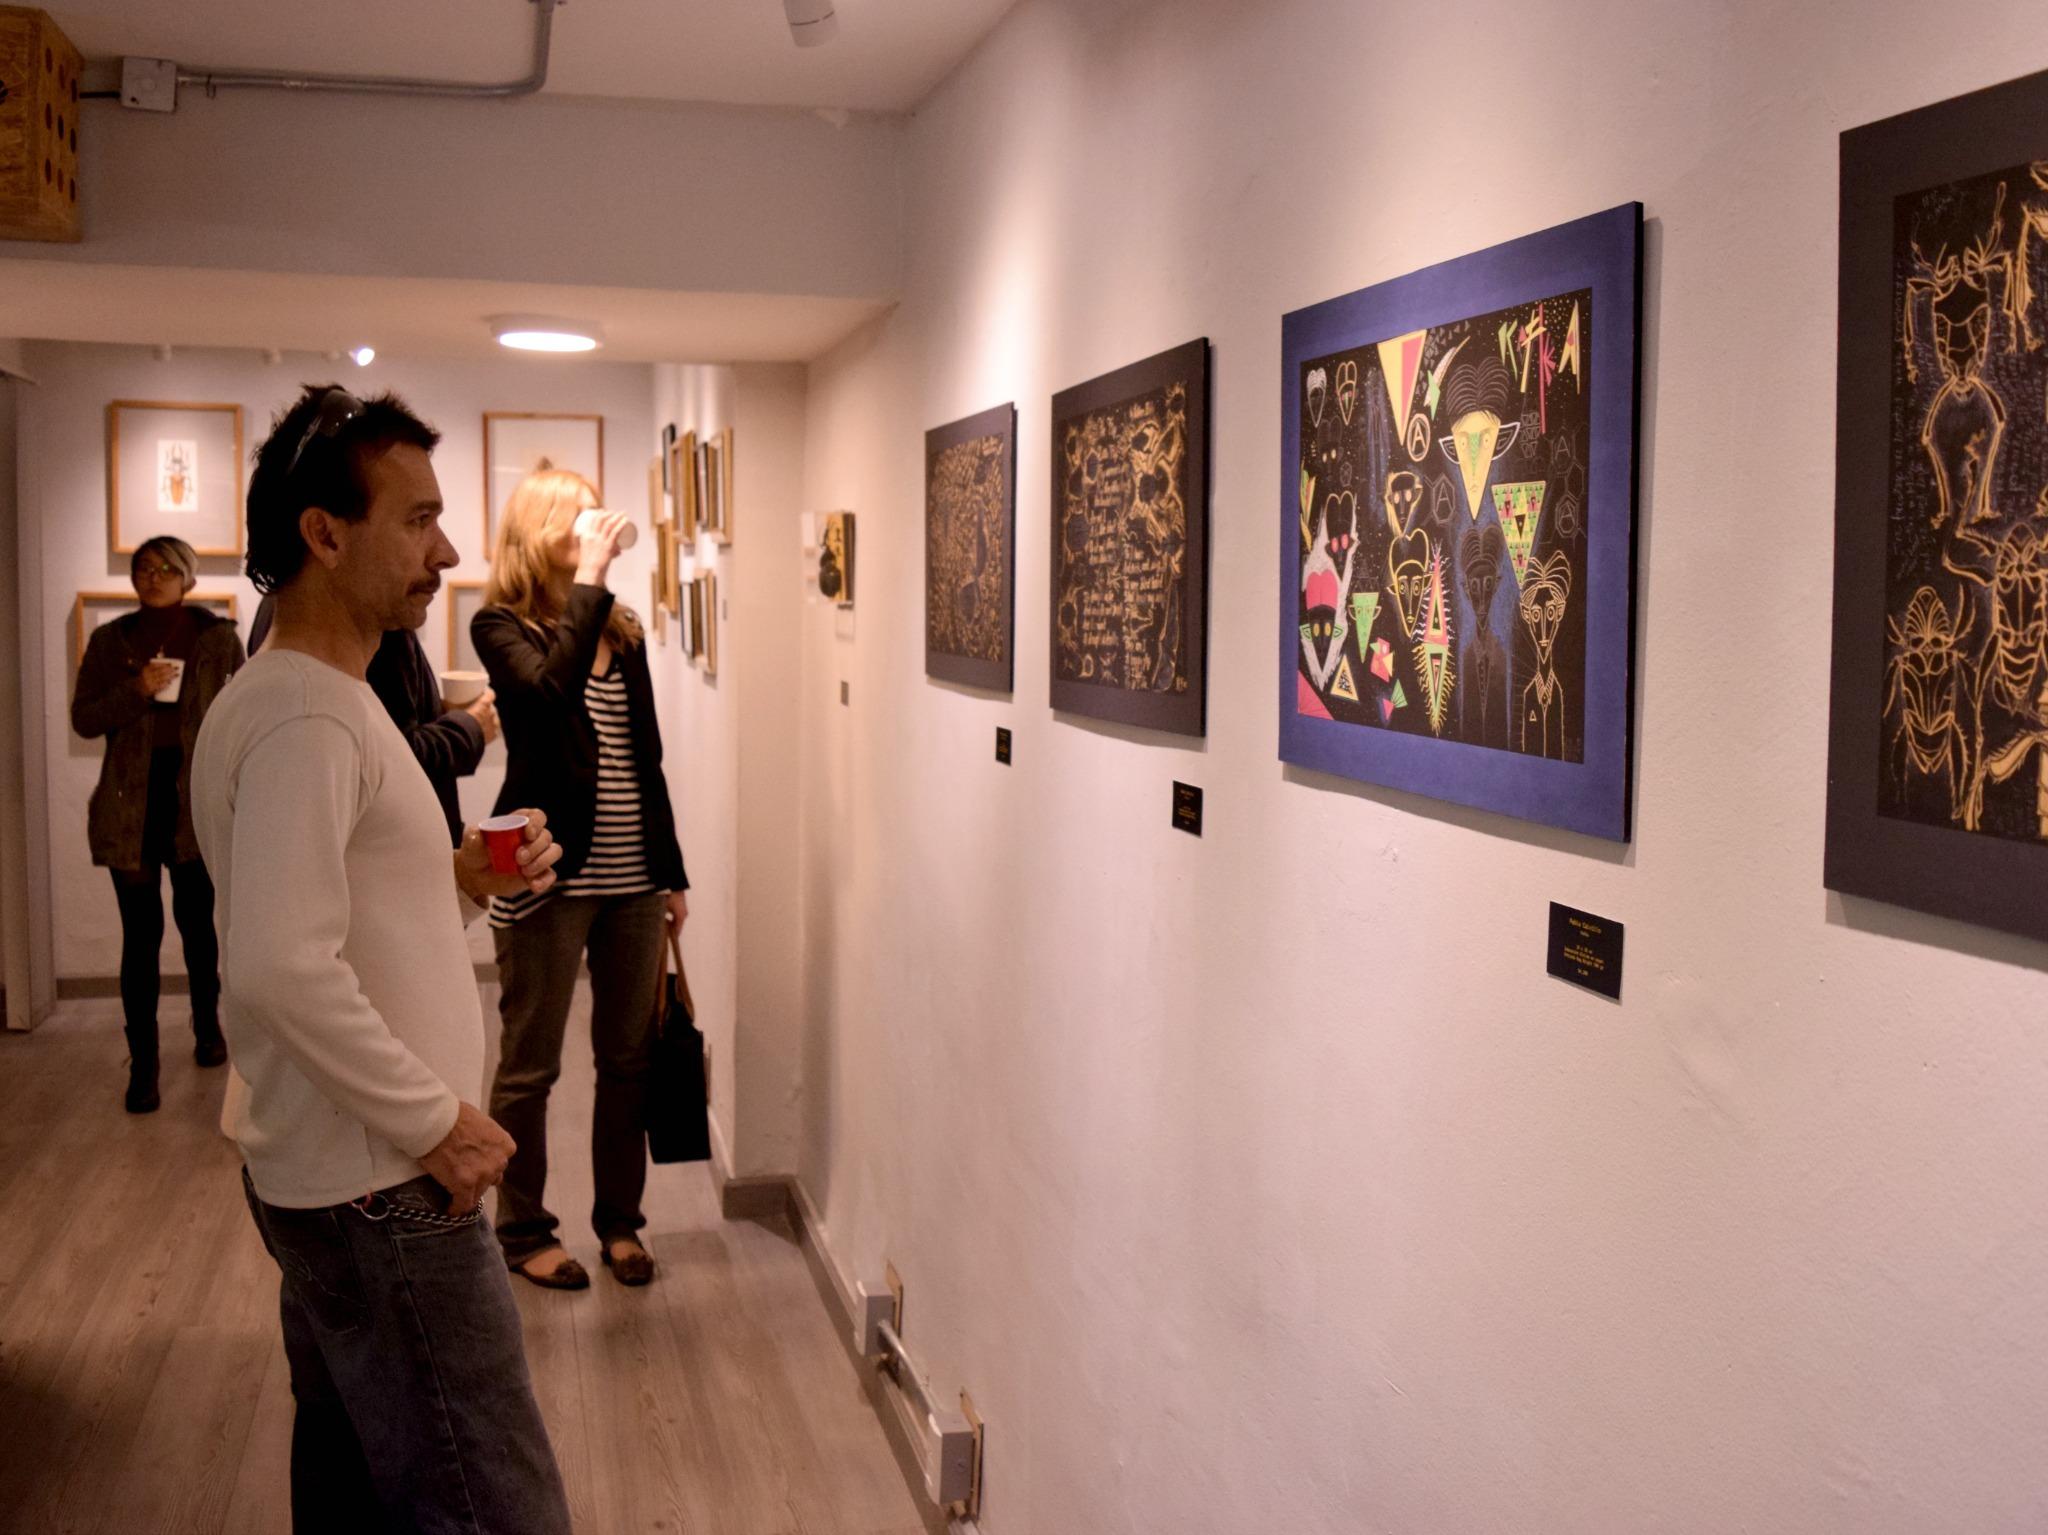 GAMA galería